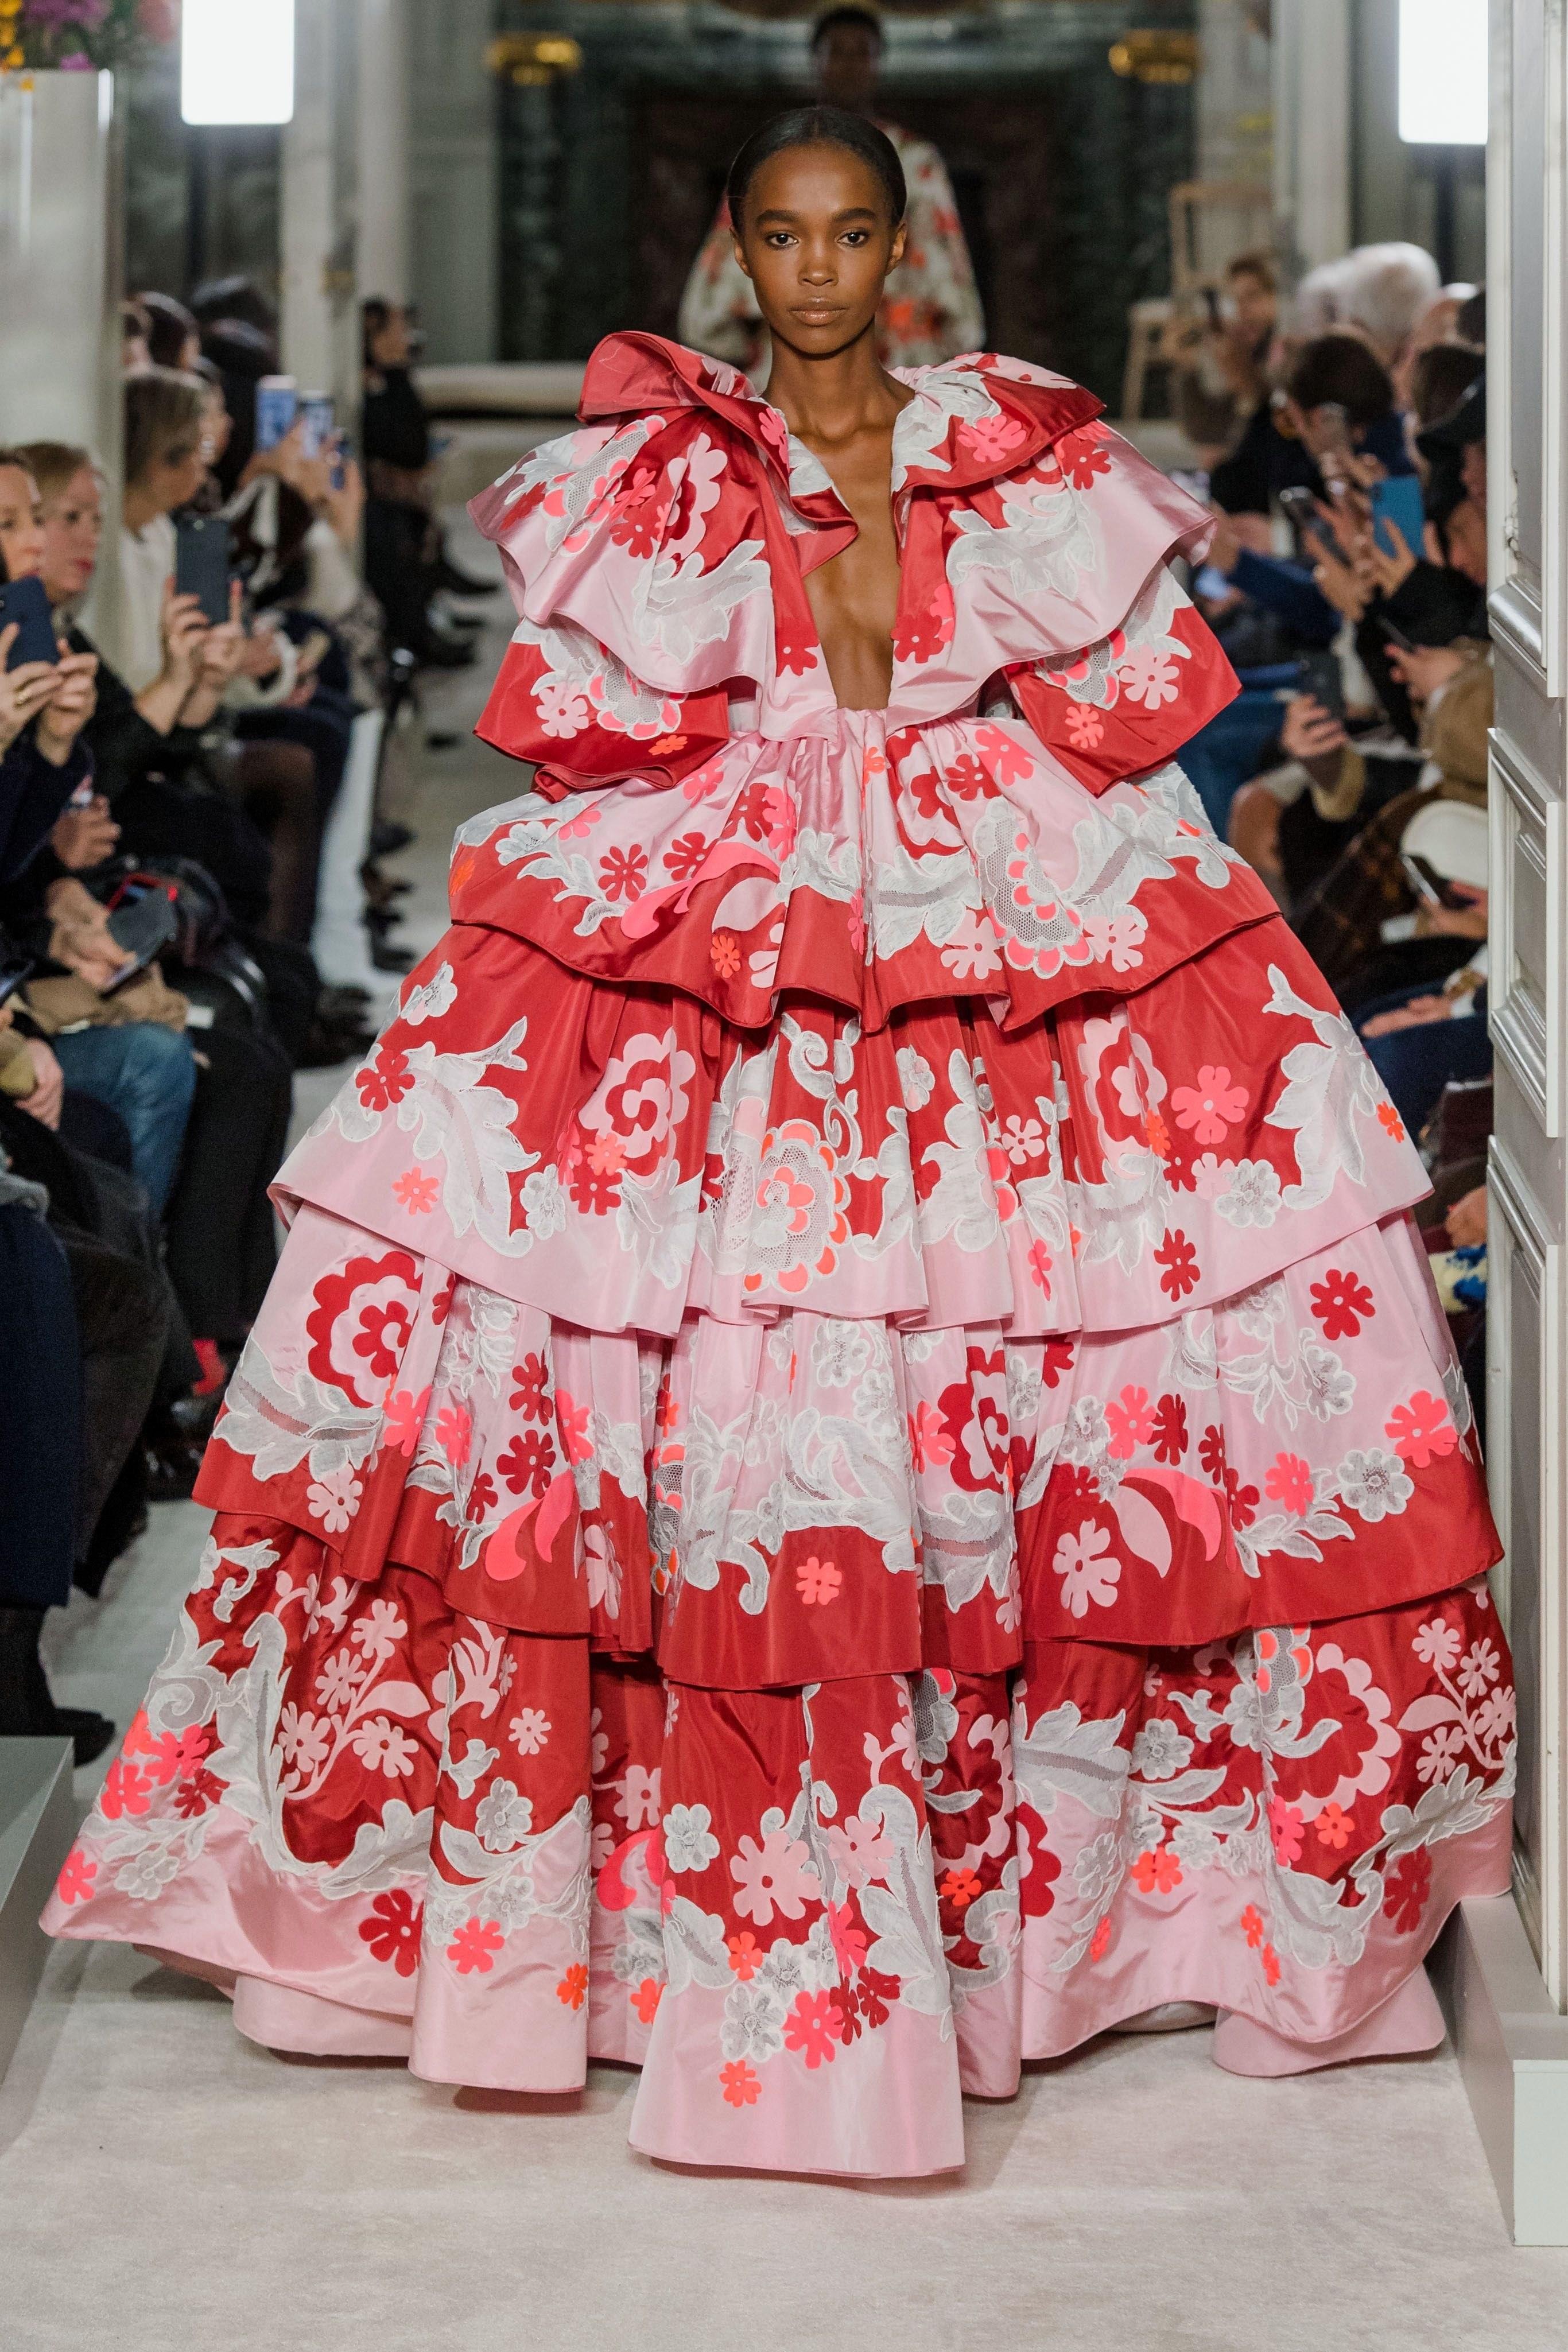 Show diễn Valentino: người mẫu diện cả cây lau nhà lên người và câu chuyện đằng sau!